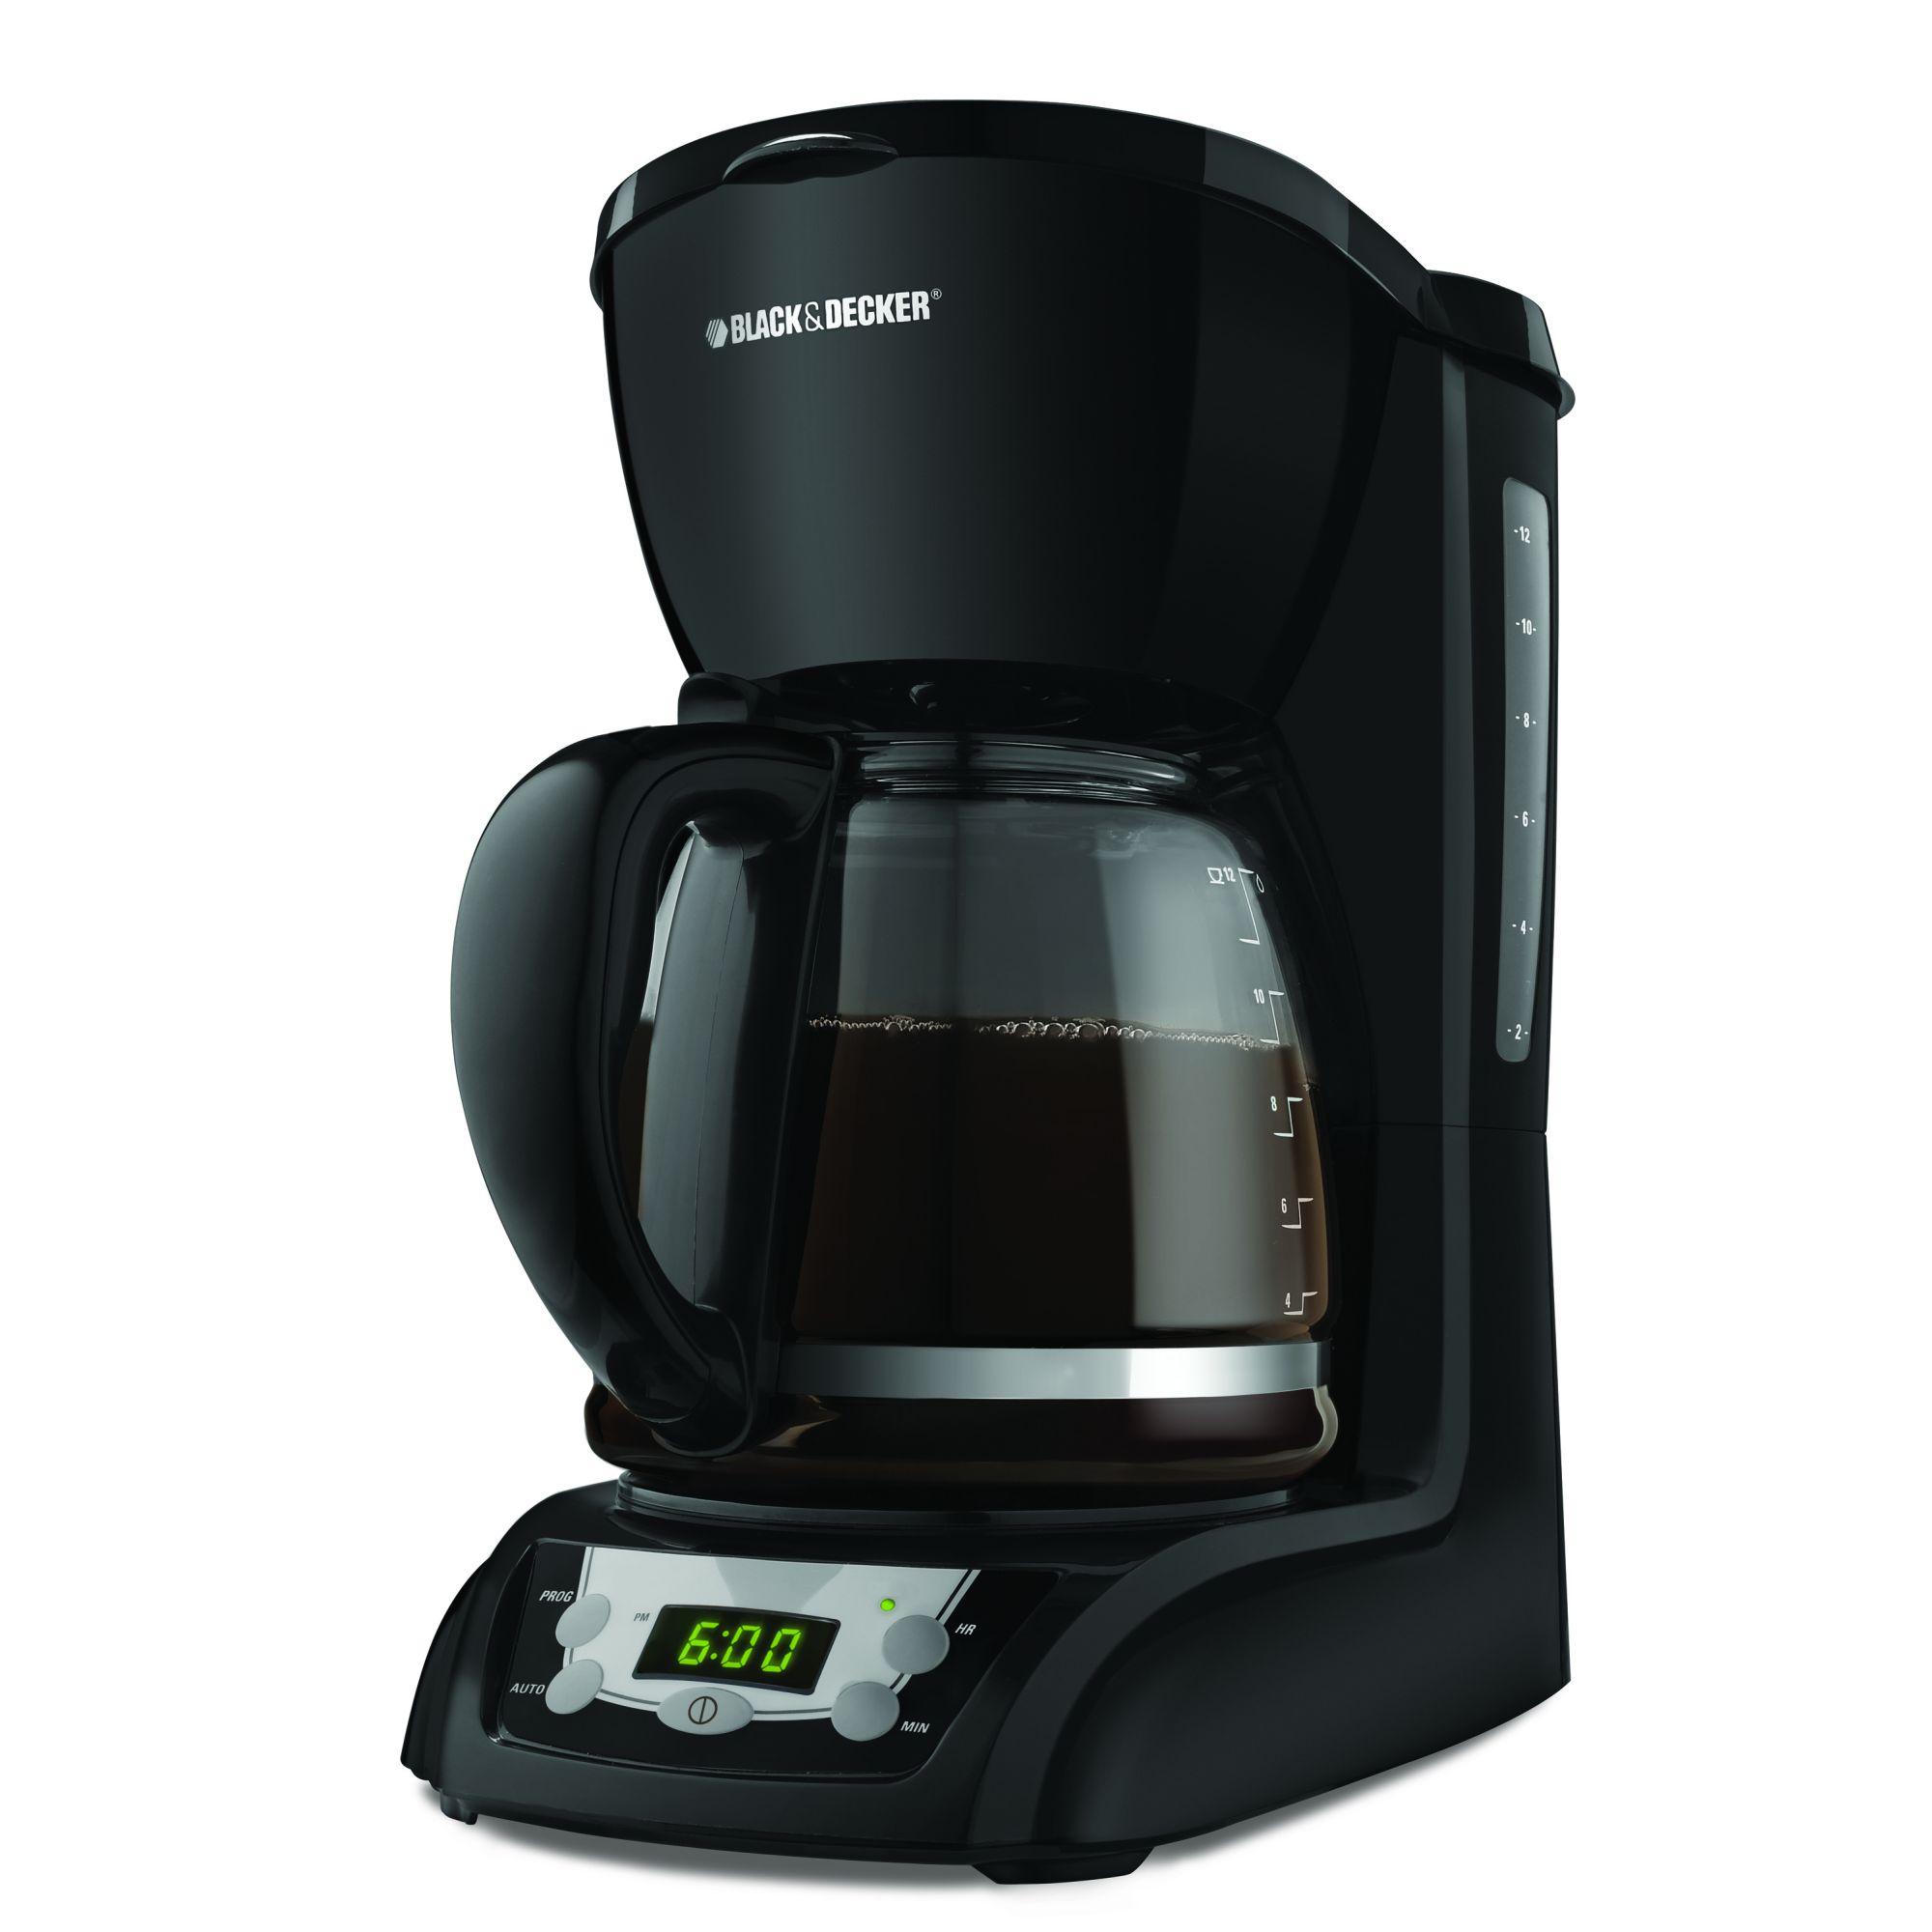 Black & Decker 12-Cup Programmable Coffee Maker, Black